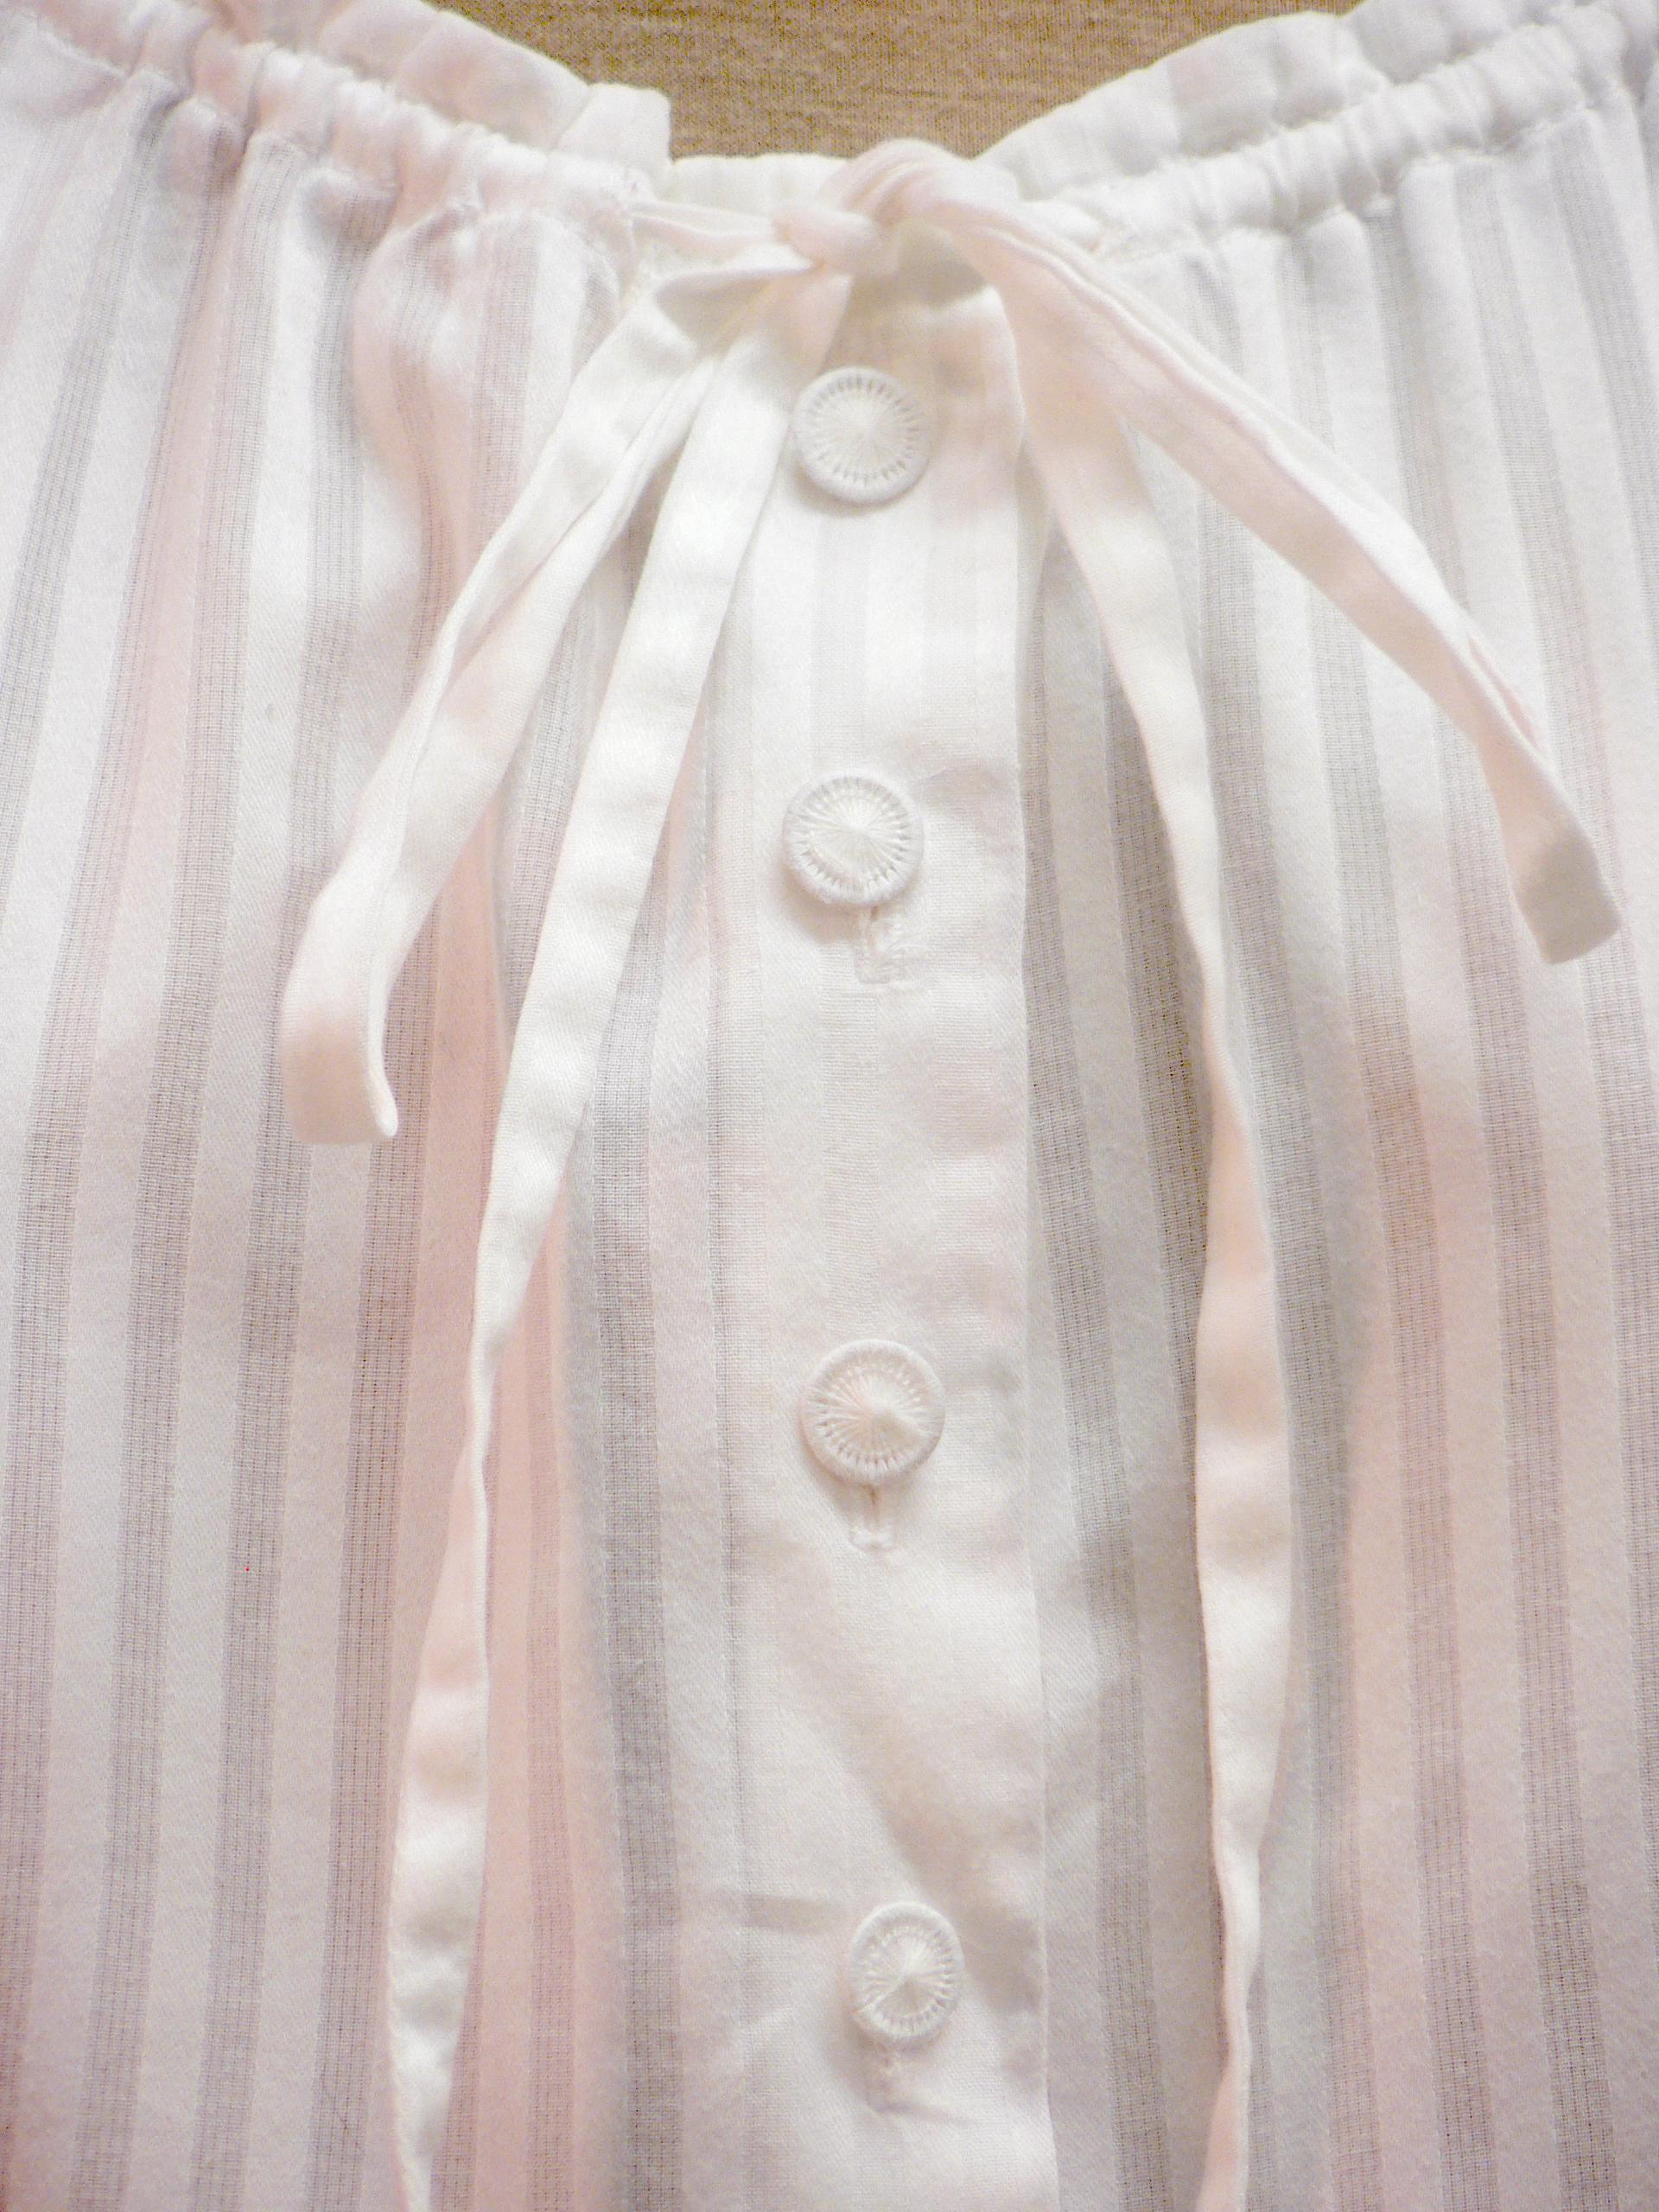 blouse07_detail.jpg